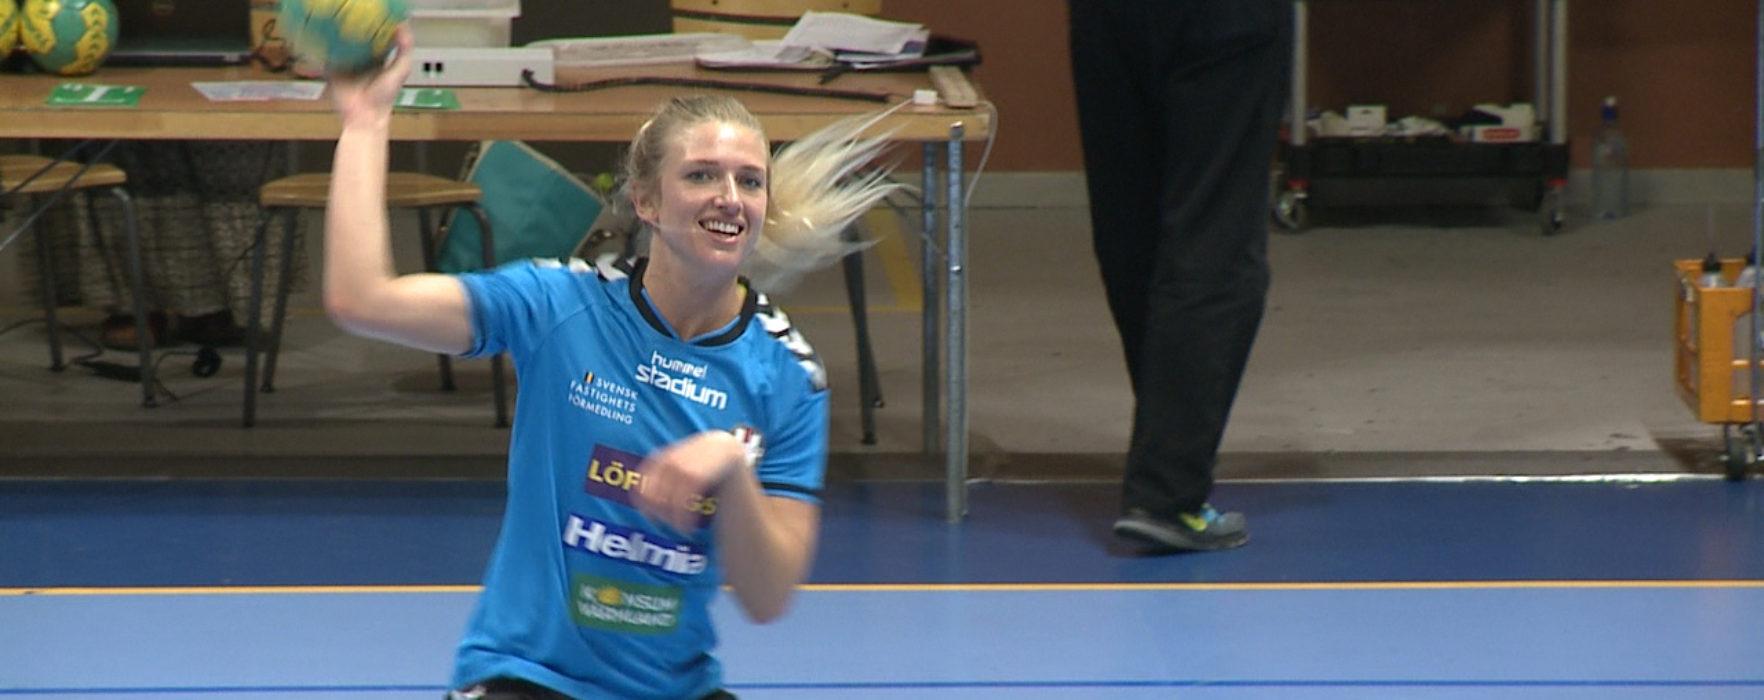 Glimt Sport – Helltons hemmapremiär mot Boden